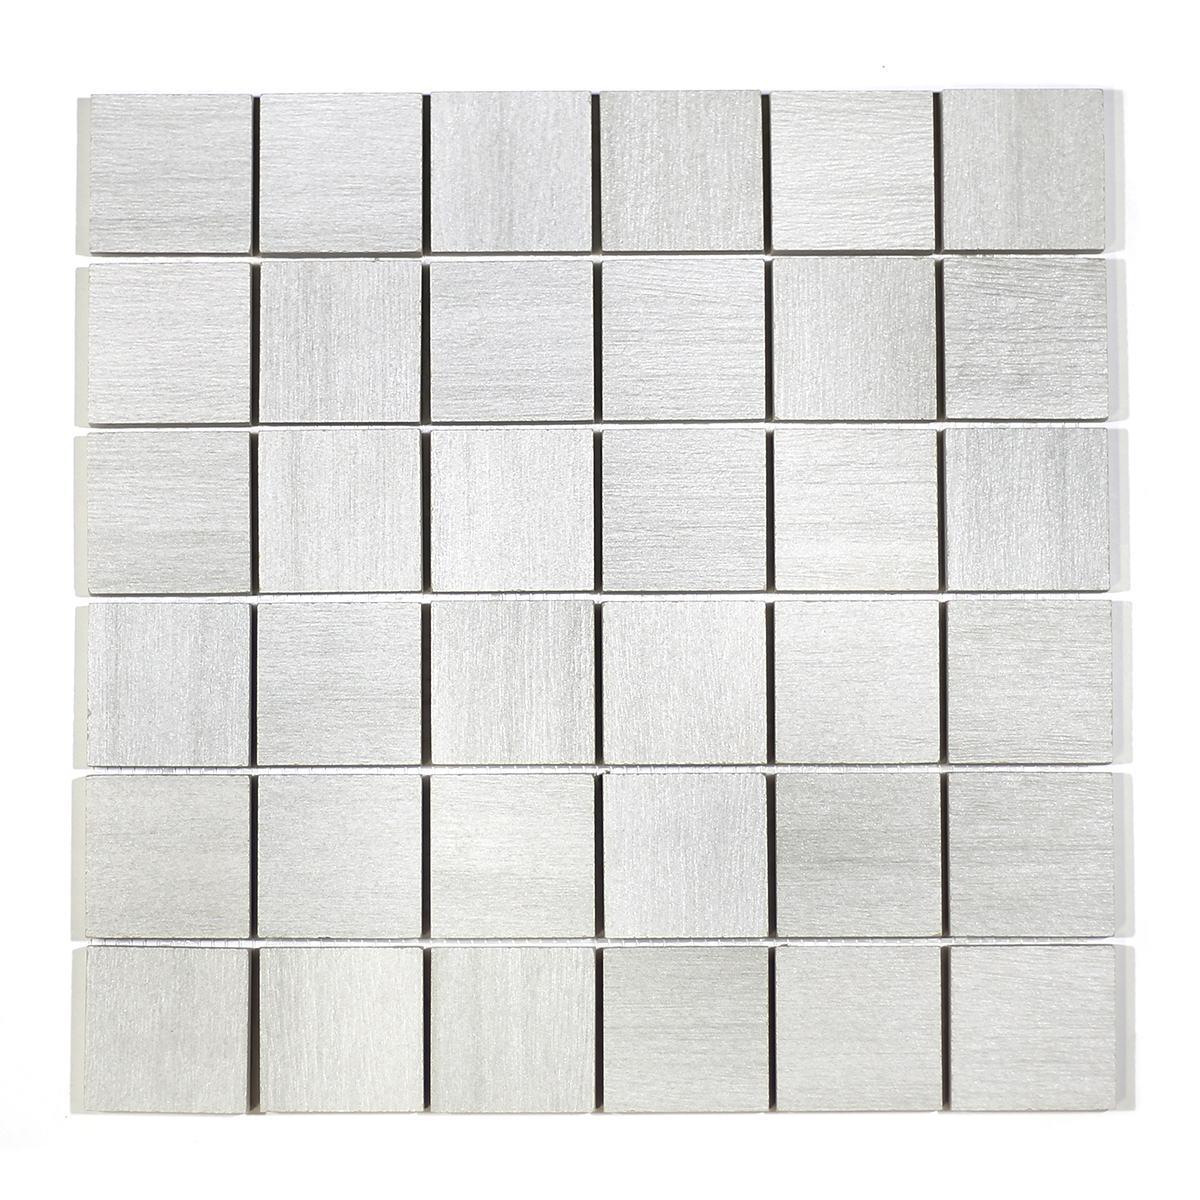 2 x 2 Muted Cotton mosaic